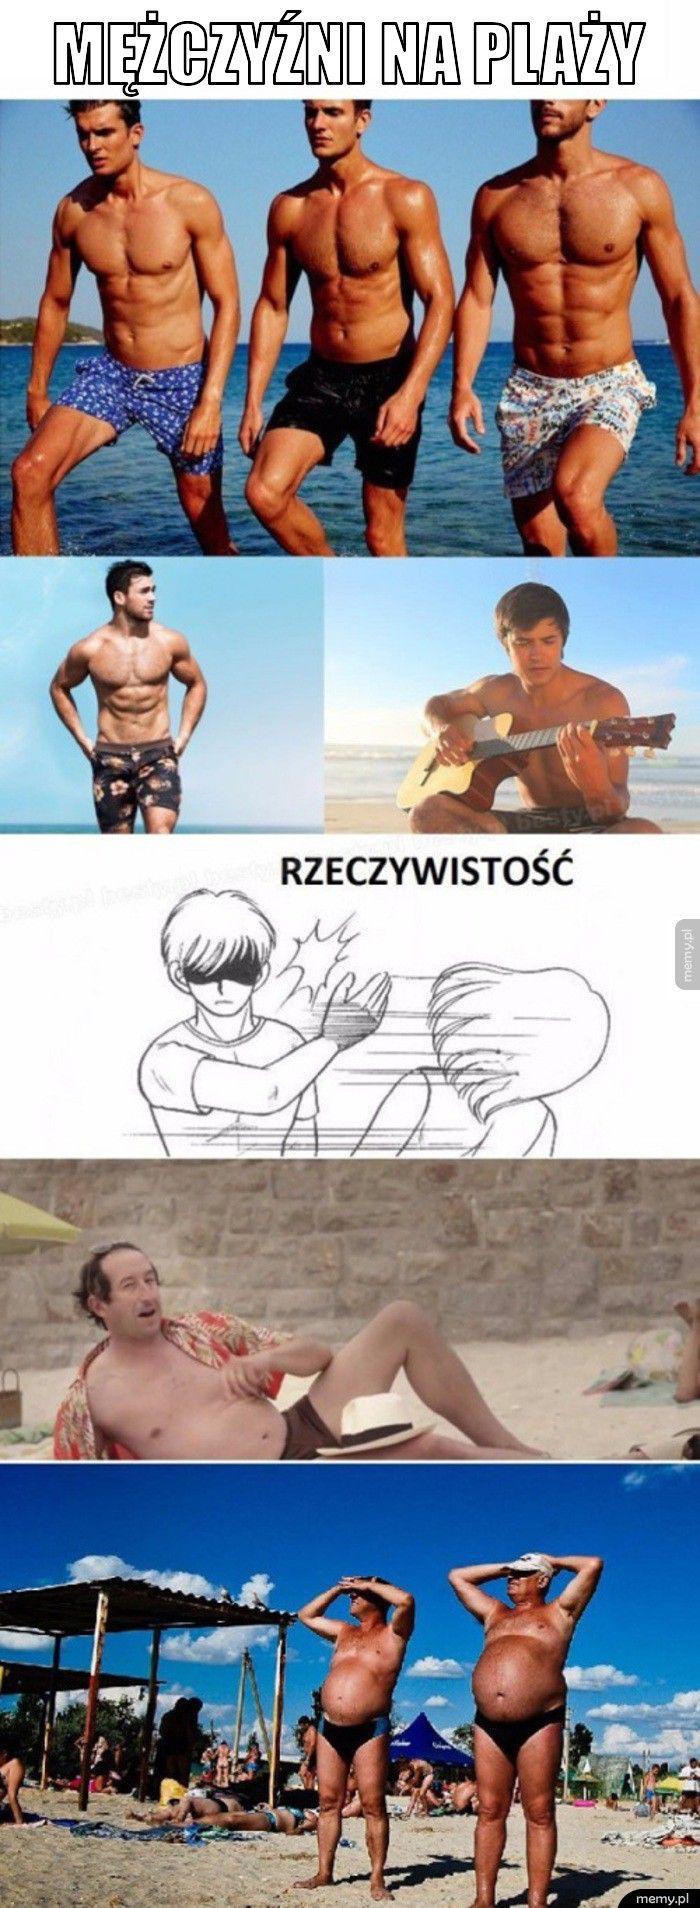 Mężczyźni na plaży